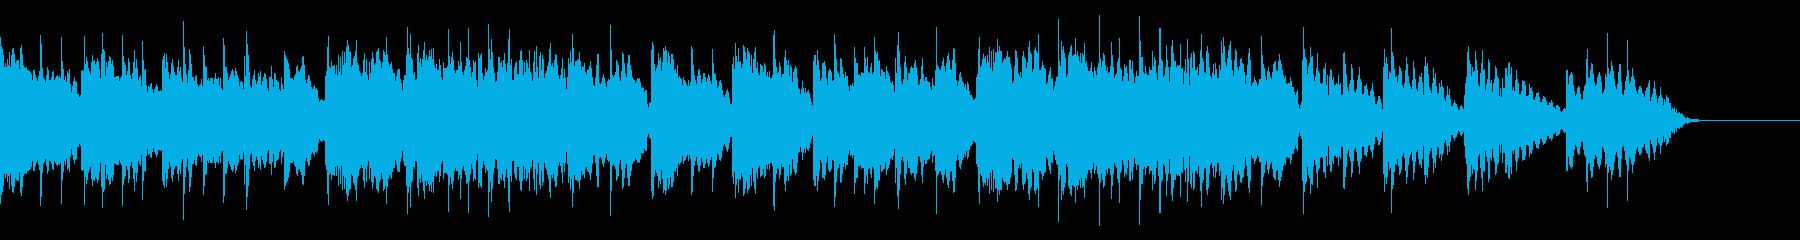 エンディング 優しいメロディのエレピの再生済みの波形